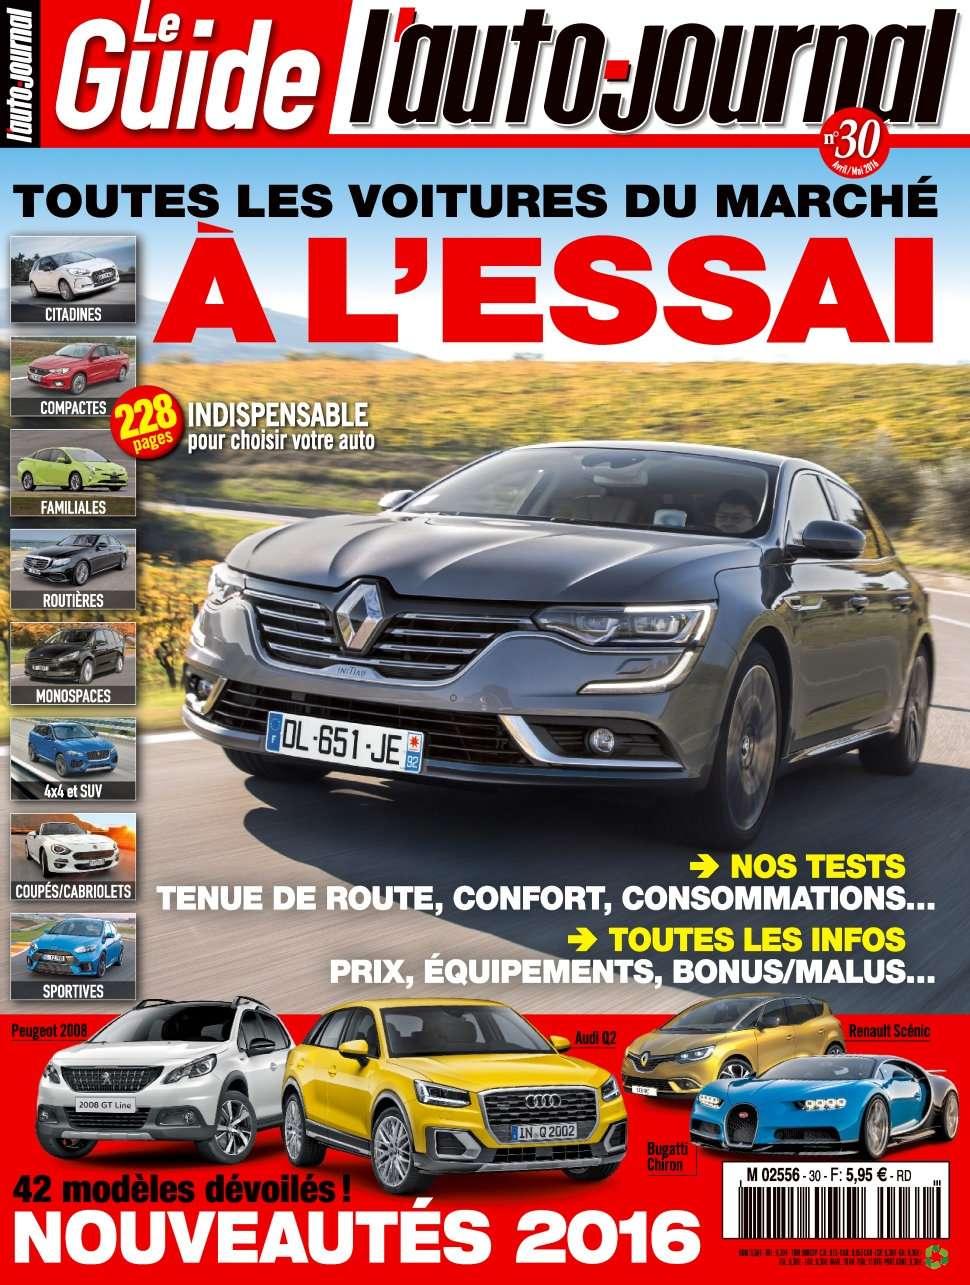 L'Auto-Journal (Le Guide) 3 - Avril/Mai 2016